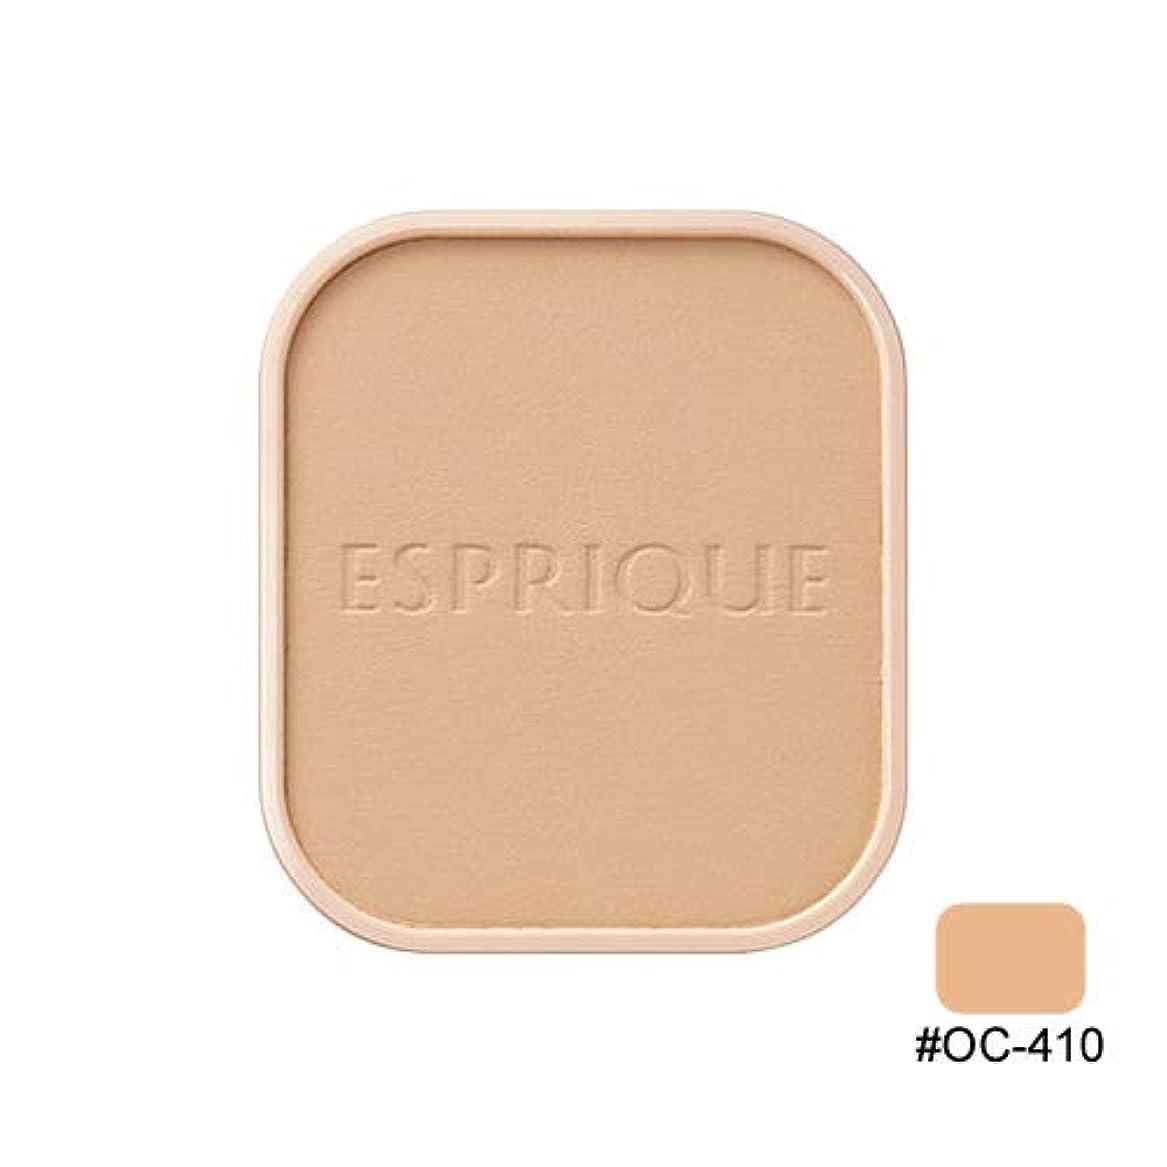 提案するメッシュパートナーコーセー エスプリーク ピュアスキン パクト UV OC-410 レフィル [並行輸入品]